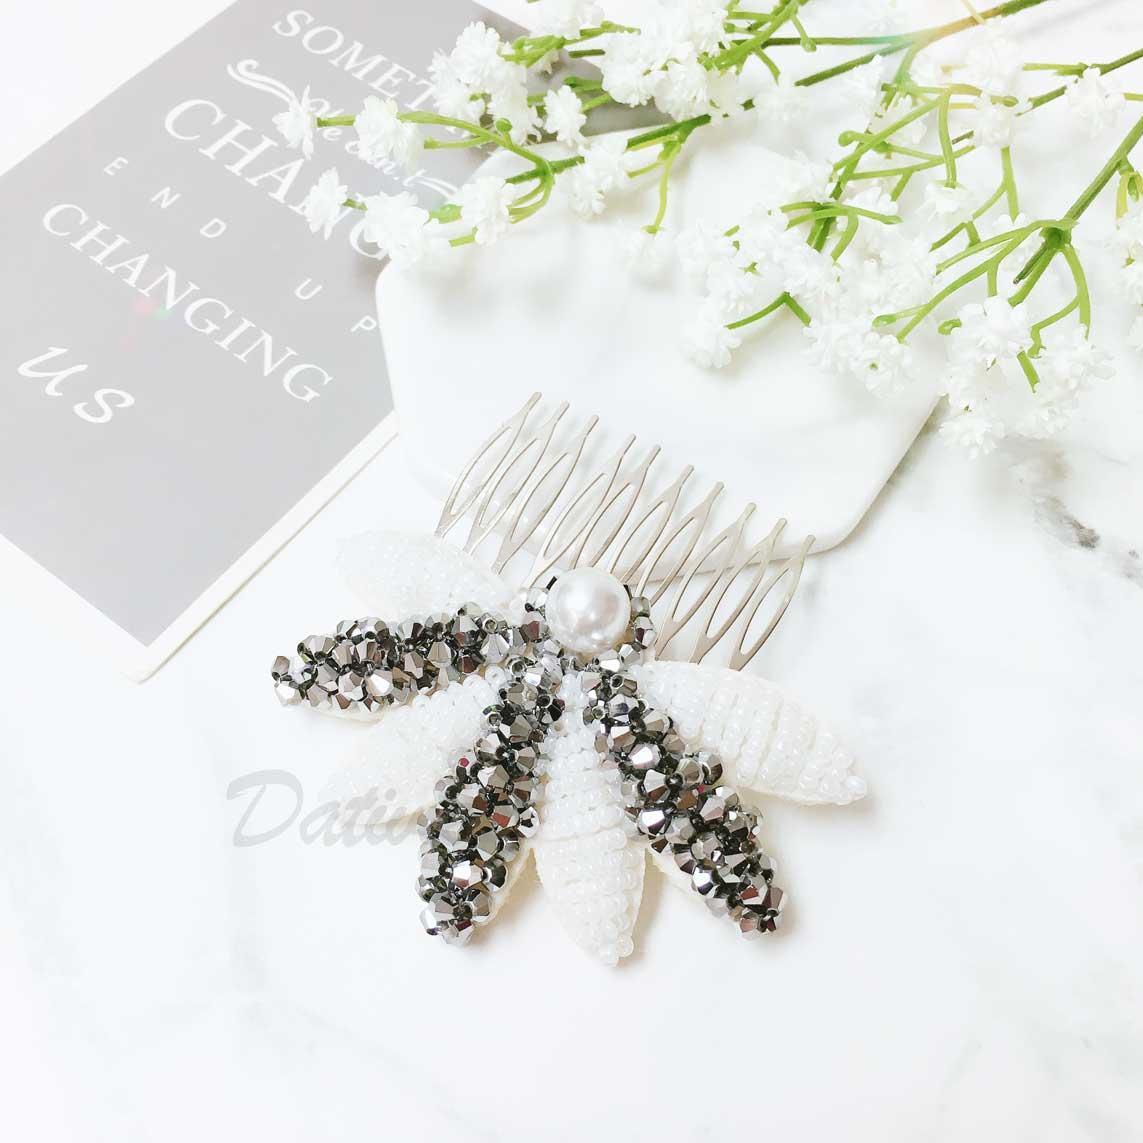 大麻葉造型 雙色串珠 珍珠 華麗 髮飾 髮插